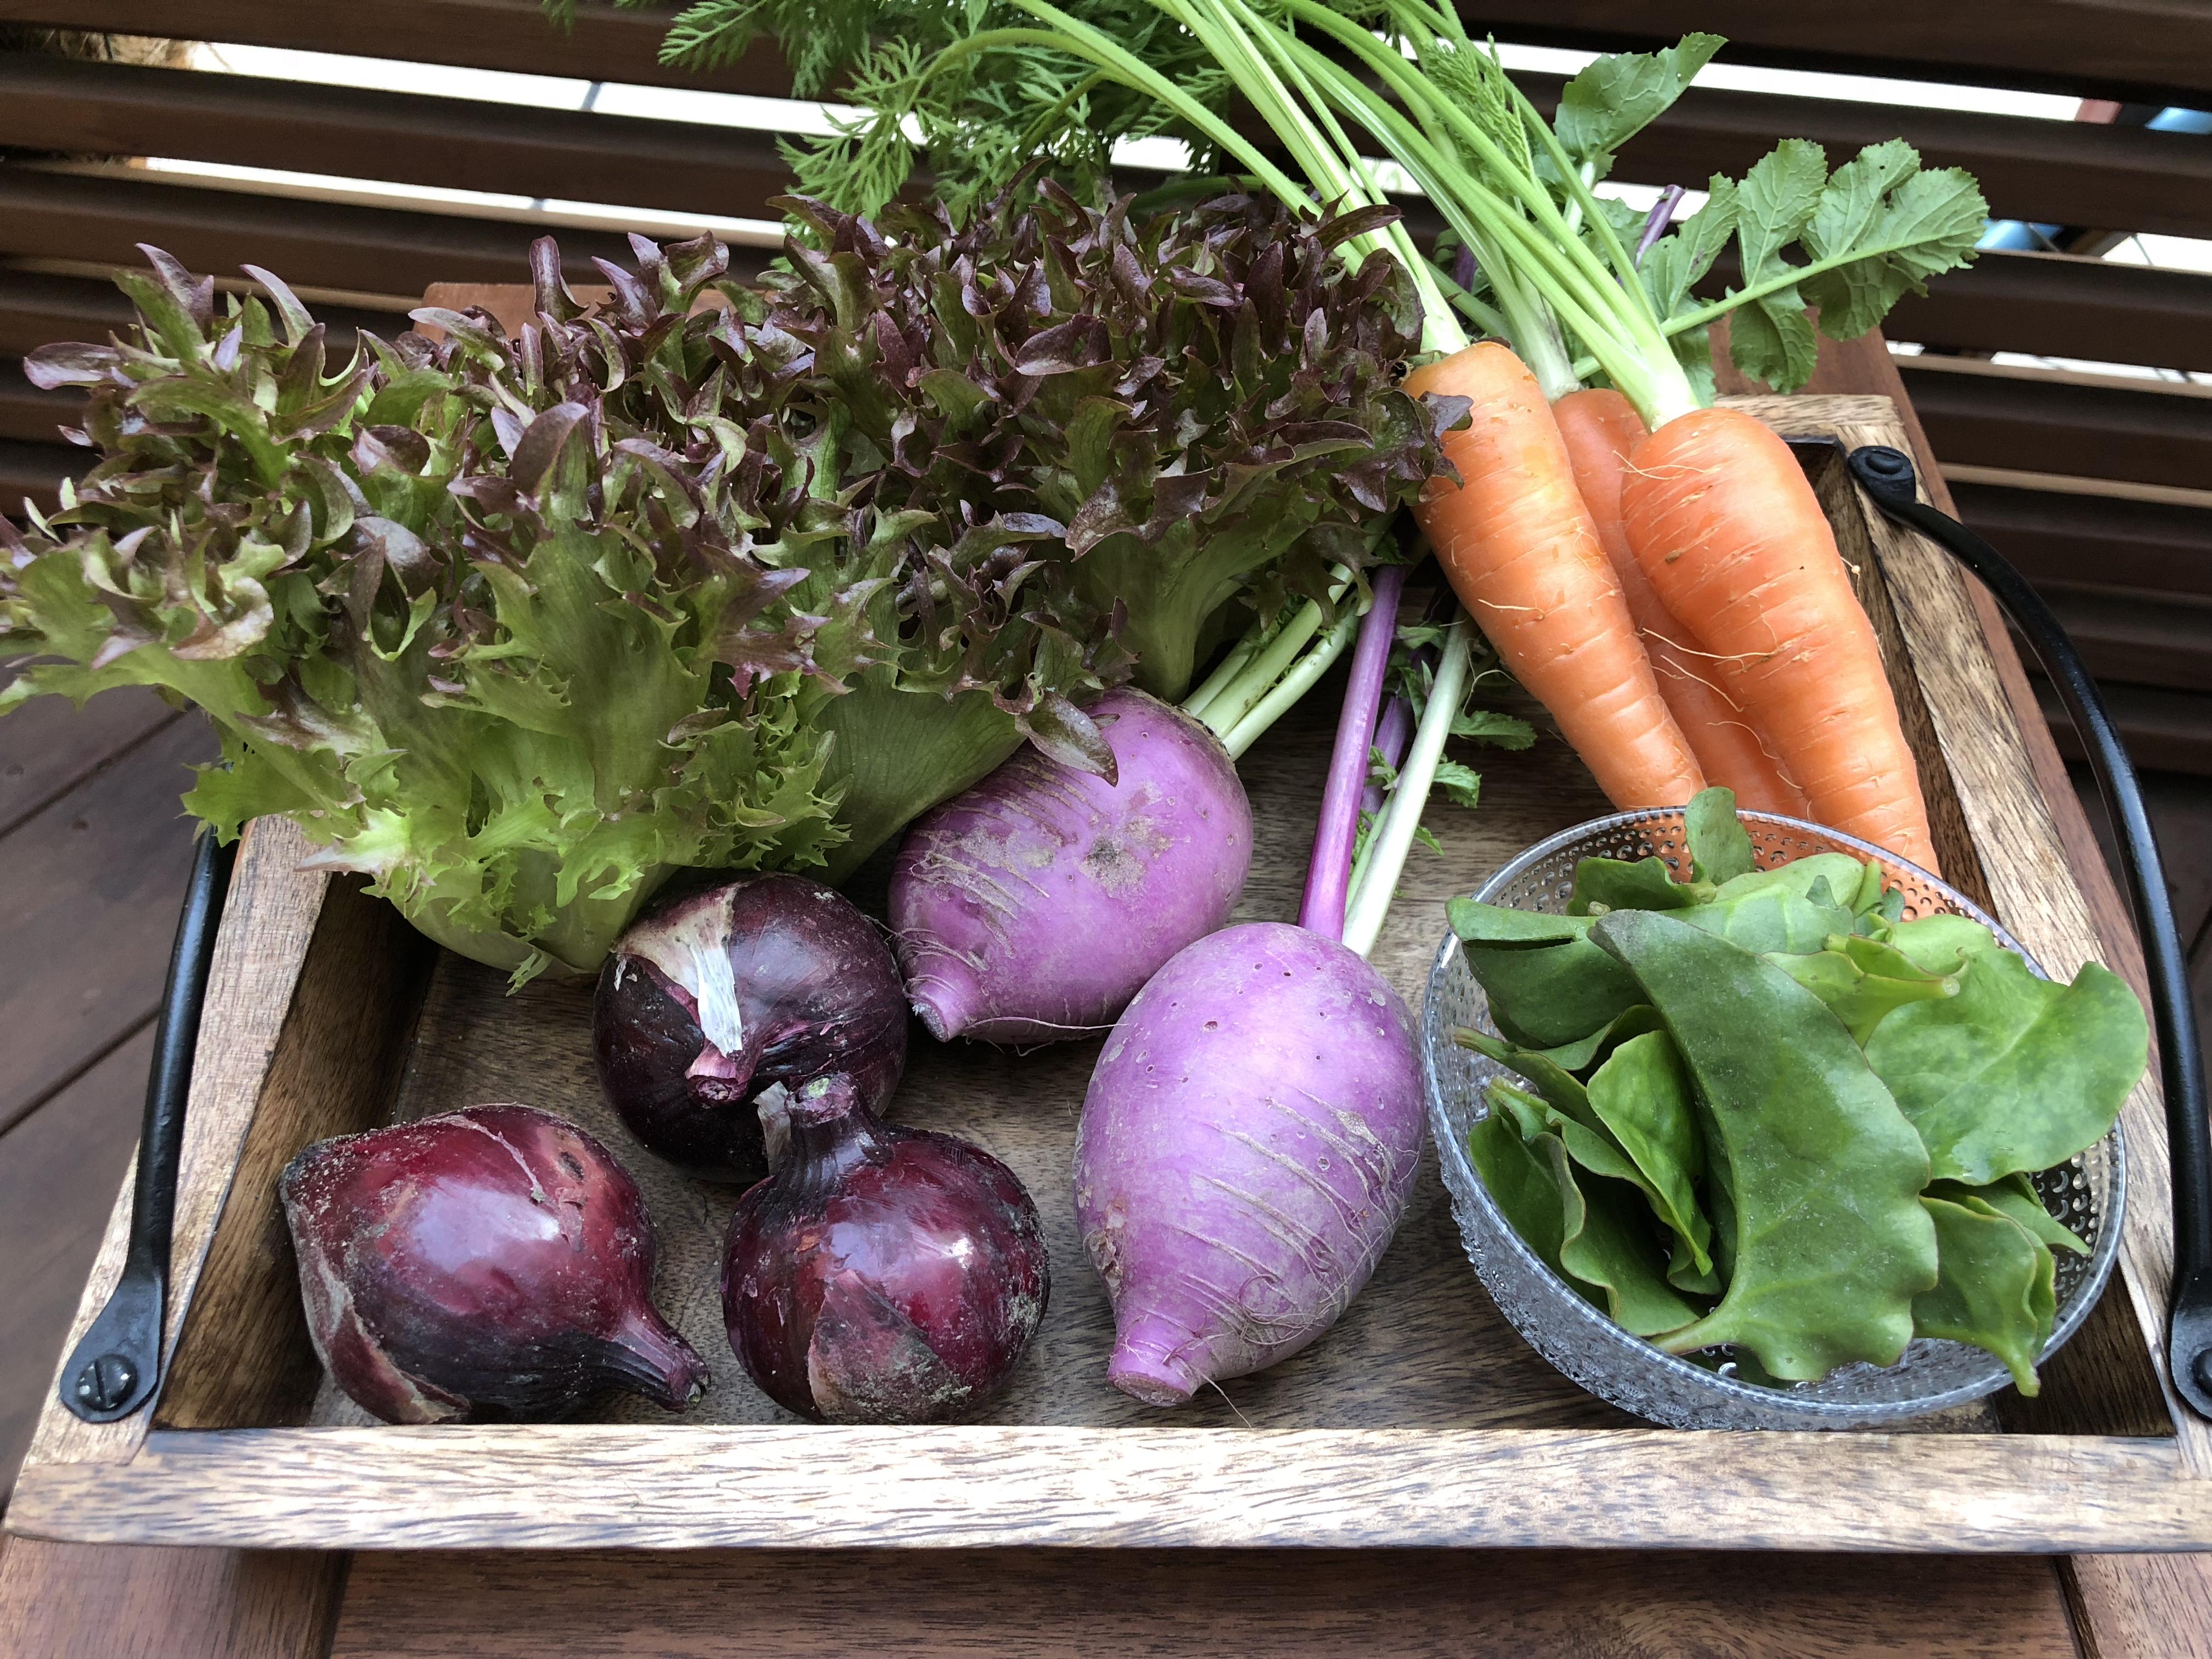 オーガニック野菜を購入